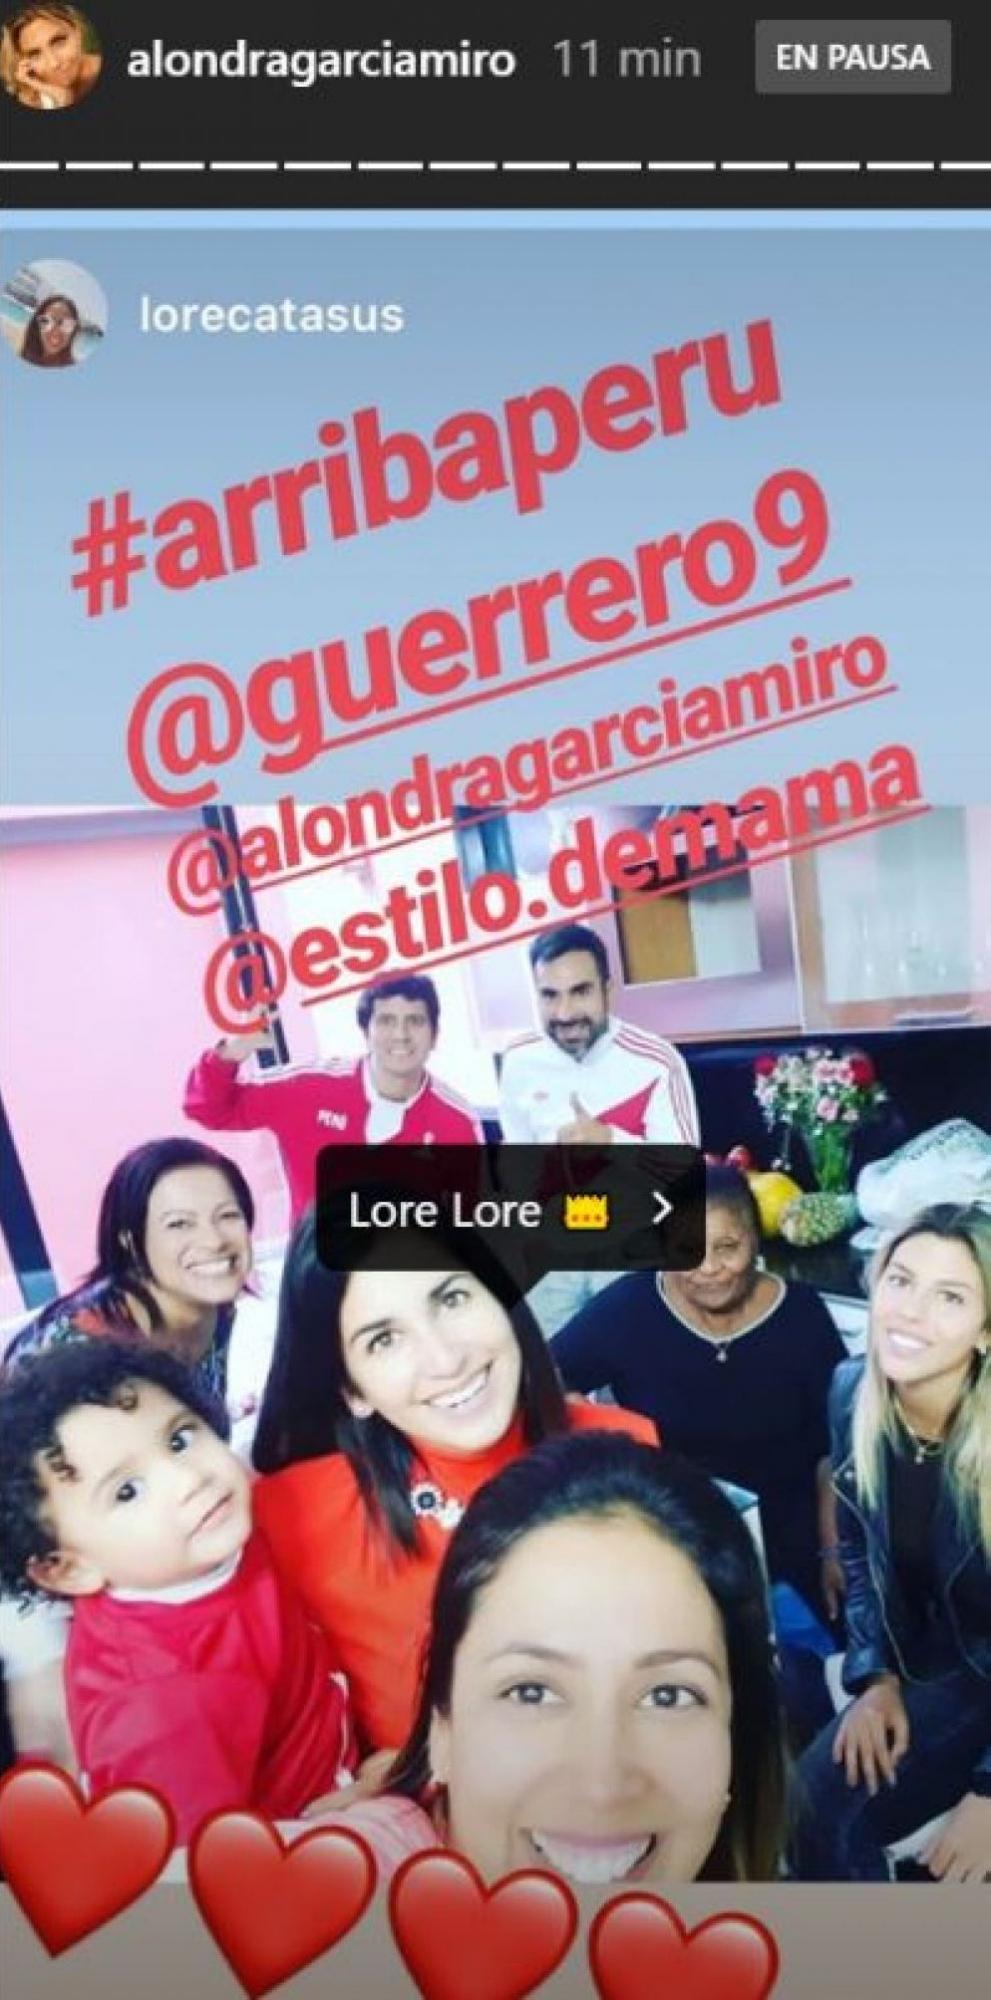 Alondra García Miró celebró la victoria de Perú en Copa América junto a la familia de Paolo Guerrero. (Foto: Captura de video)